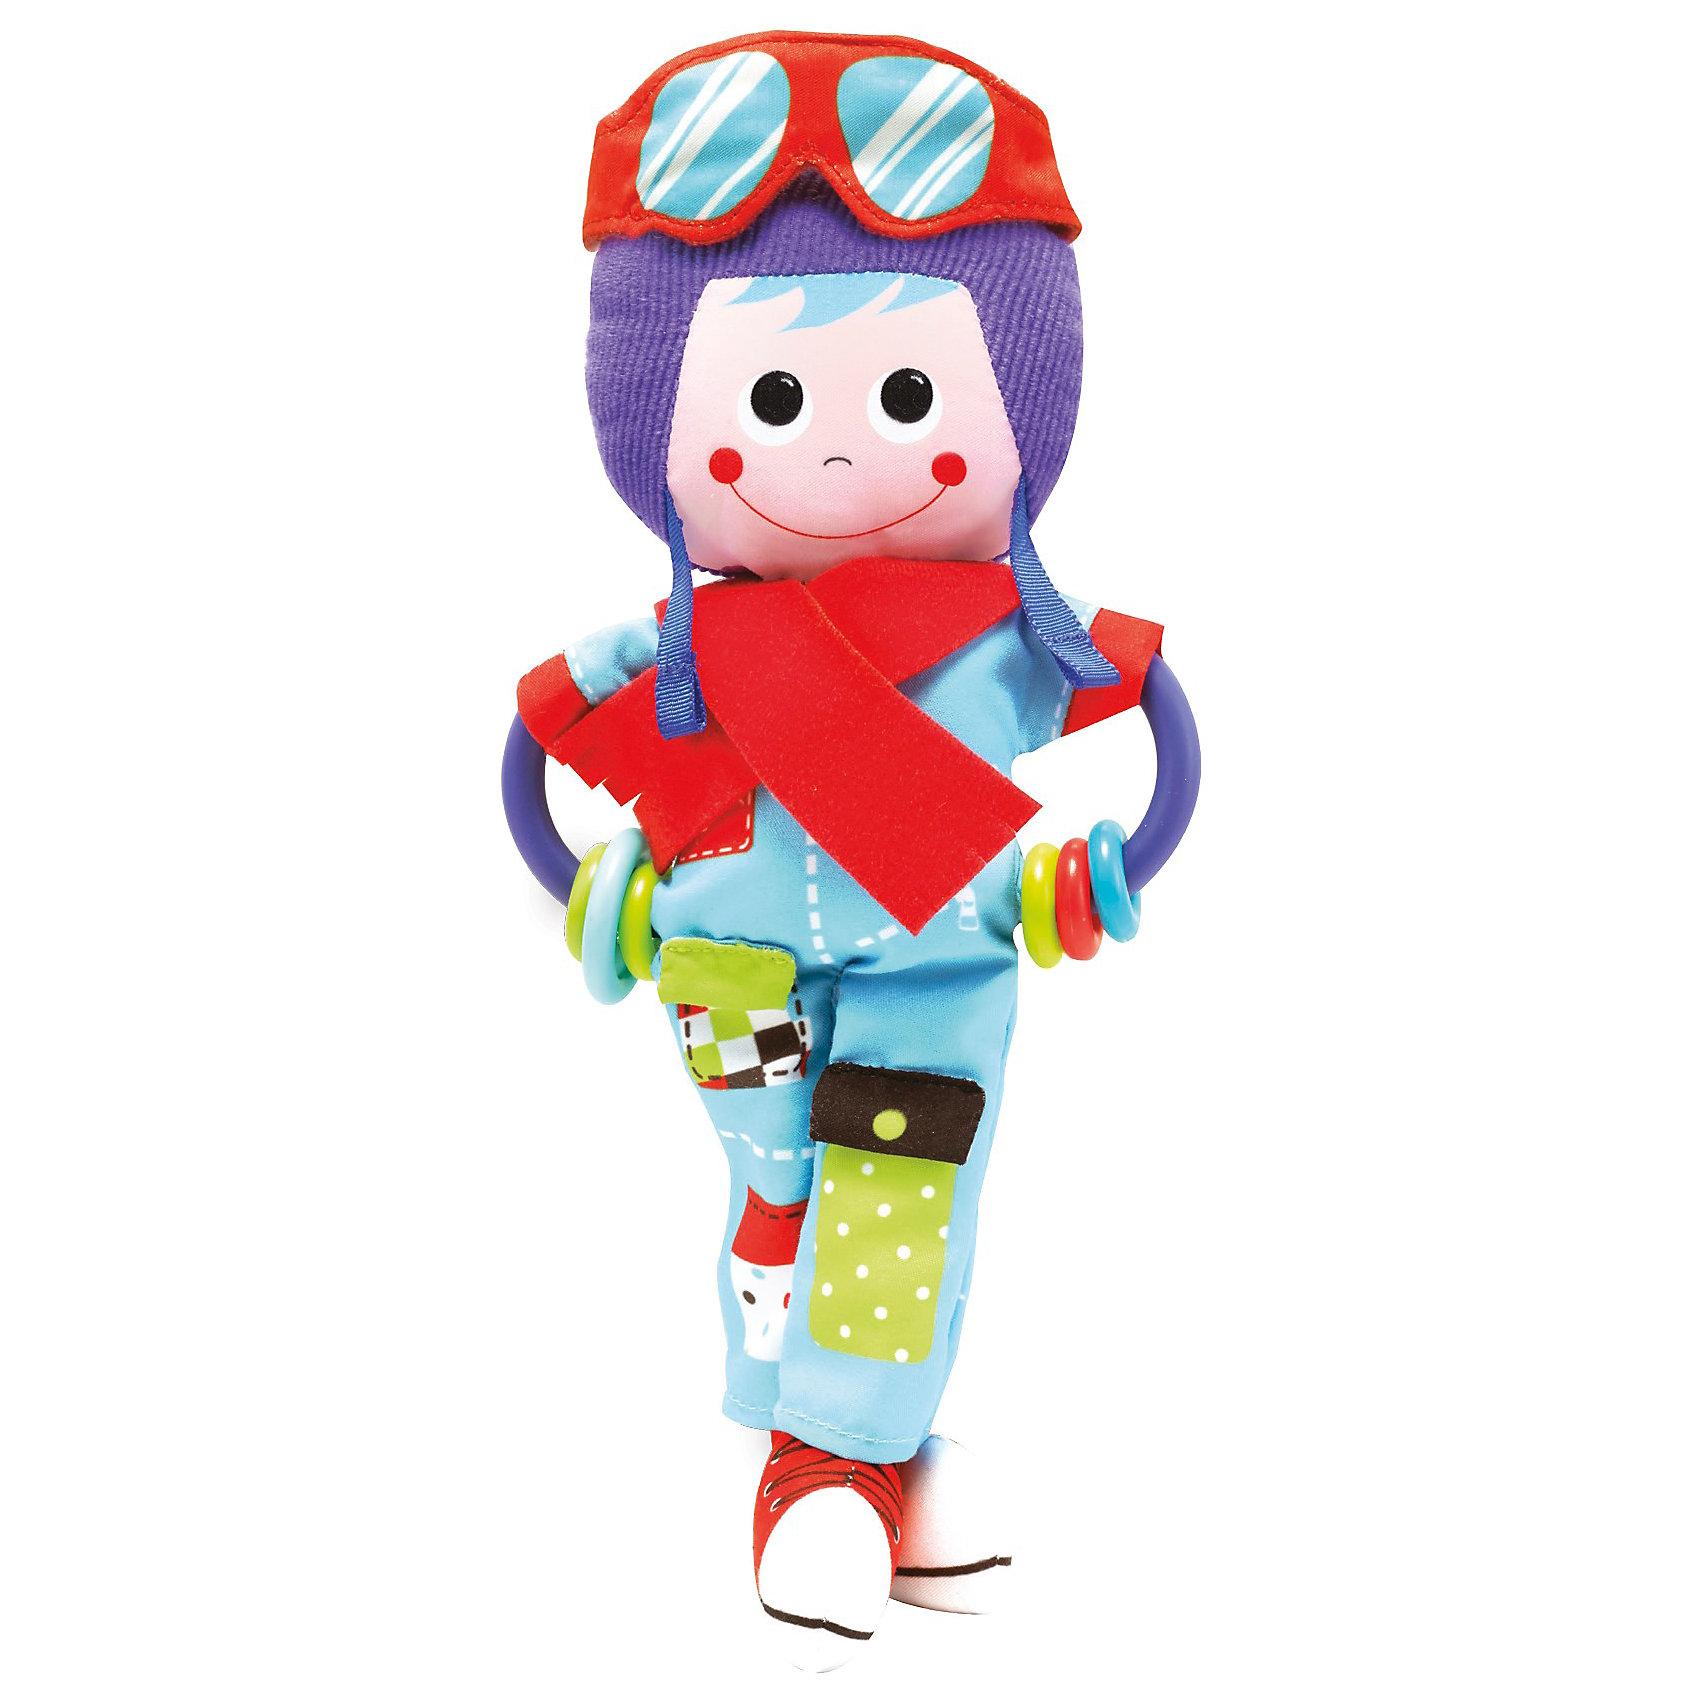 Игрушка-погремушка Пилот,  YookidooПогремушки<br>Первая игрушка вашего малыша. Игрушка Пилот выполнена в ярком и красочном дизайне, который обязательно понравится крохе. Ребенок будет с удовольствием рассматривать свою первую и очень забавную игрушку. Помимо этого, игрушка сделана из материалов различной текстуры, для тренировки моторики пальчиков и развития тактильных ощущений. К Пилоту крепится прорезыватель со множеством разноцветных колечек, который непременно понадобится для чешущихся зубов крохи. При необходимости, игрушку можно подвесить в коляску, кроватку, используя большое пластиковое кольцо. В комплект также входит музыкальная погремушка Вертолет, при встряхивании которой звучат смешные звуки. К вертолету дополнительно в комплект входит пластиковое кольцо для подвешивания. С Пилотом малыш развивает моторику рук, тактильные ощущения, слуховое восприятие. Игрушка выполнена из высококачественных материалов, безопасных для ребенка<br><br>Дополнительная информация:<br><br>- Комплектация: пилот с прорезывателем, вертолет, пластиковое кольцо для подвешивания.<br>- Материал: пластик, текстиль.<br>- Цвет: красный, голубой, фиолетовый, салатовый.<br>- Размер упаковки: 19 x 18 x 5 см.<br>- Звуковые эффекты: есть.<br>- Элемент питания: батарейки 3хLR44 (входят в комплект).<br><br>Игрушку-погремушку Пилот,  Yookidoo можно купить в нашем магазине.<br><br>Ширина мм: 190<br>Глубина мм: 50<br>Высота мм: 185<br>Вес г: 138<br>Возраст от месяцев: 0<br>Возраст до месяцев: 12<br>Пол: Унисекс<br>Возраст: Детский<br>SKU: 3908341